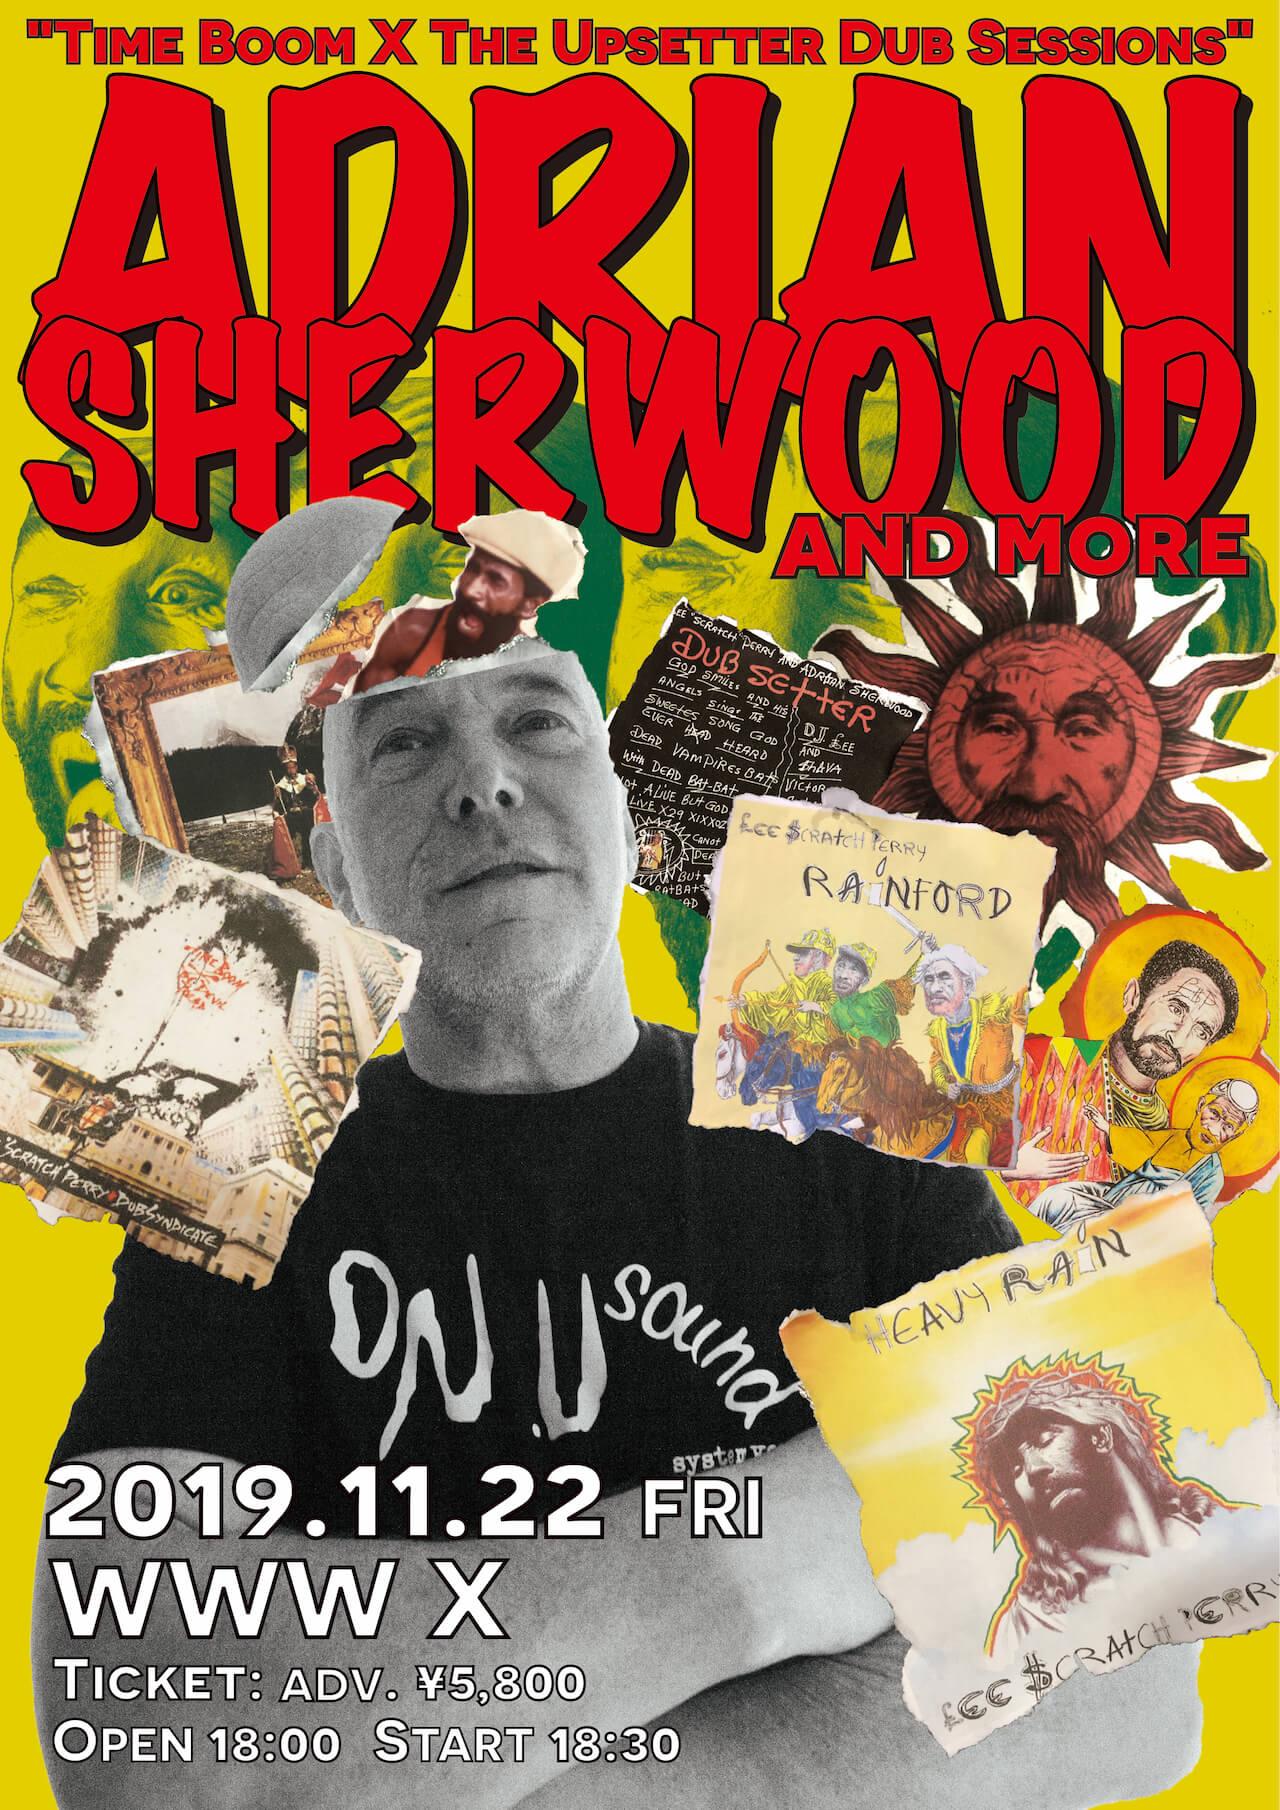 エイドリアン・シャーウッド来日公演が来週金曜日に開催|エキゾティコ・デ・ラゴ、スペシャルバンド・ROOTS OF BEATの出演も決定 music191112-adriansherwood